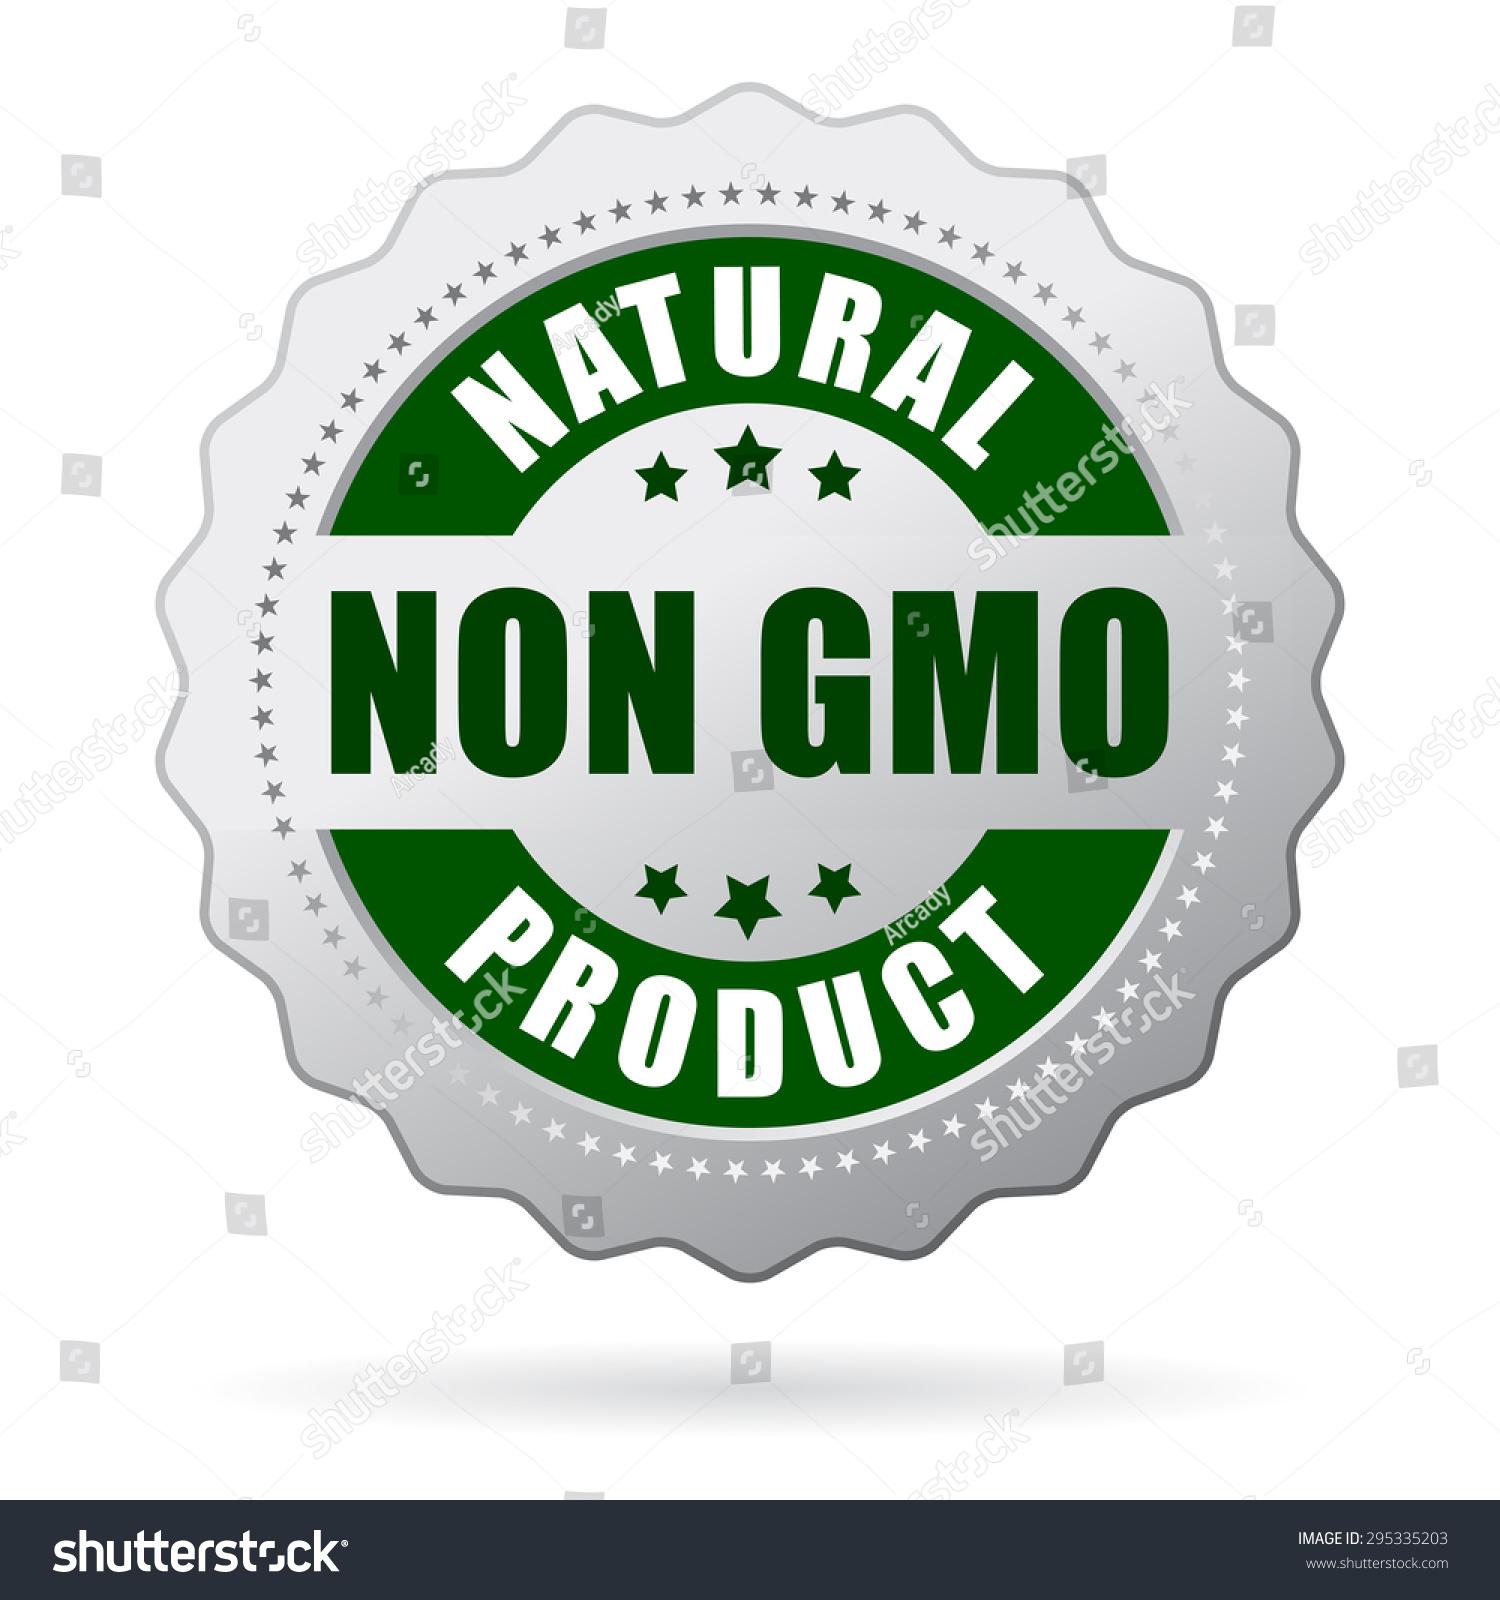 Non gmo product icon stock vector 295335203 shutterstock non gmo product icon buycottarizona Images